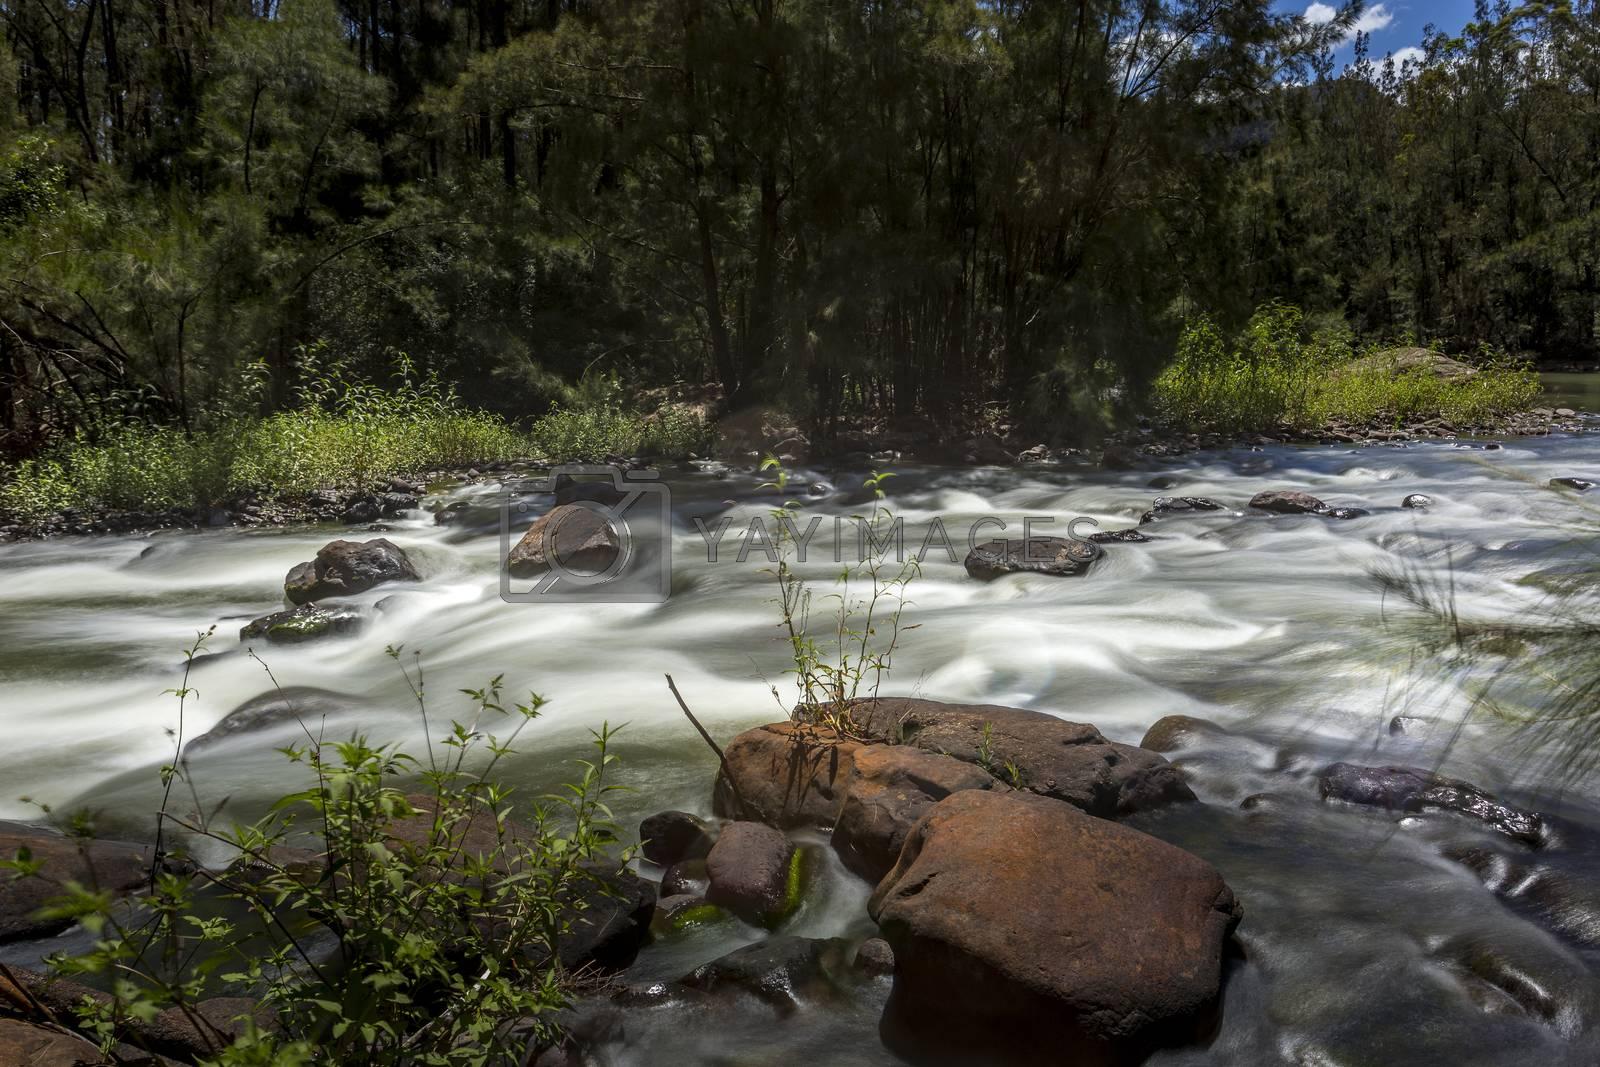 River rapids upstream Shoalhaven river Australia